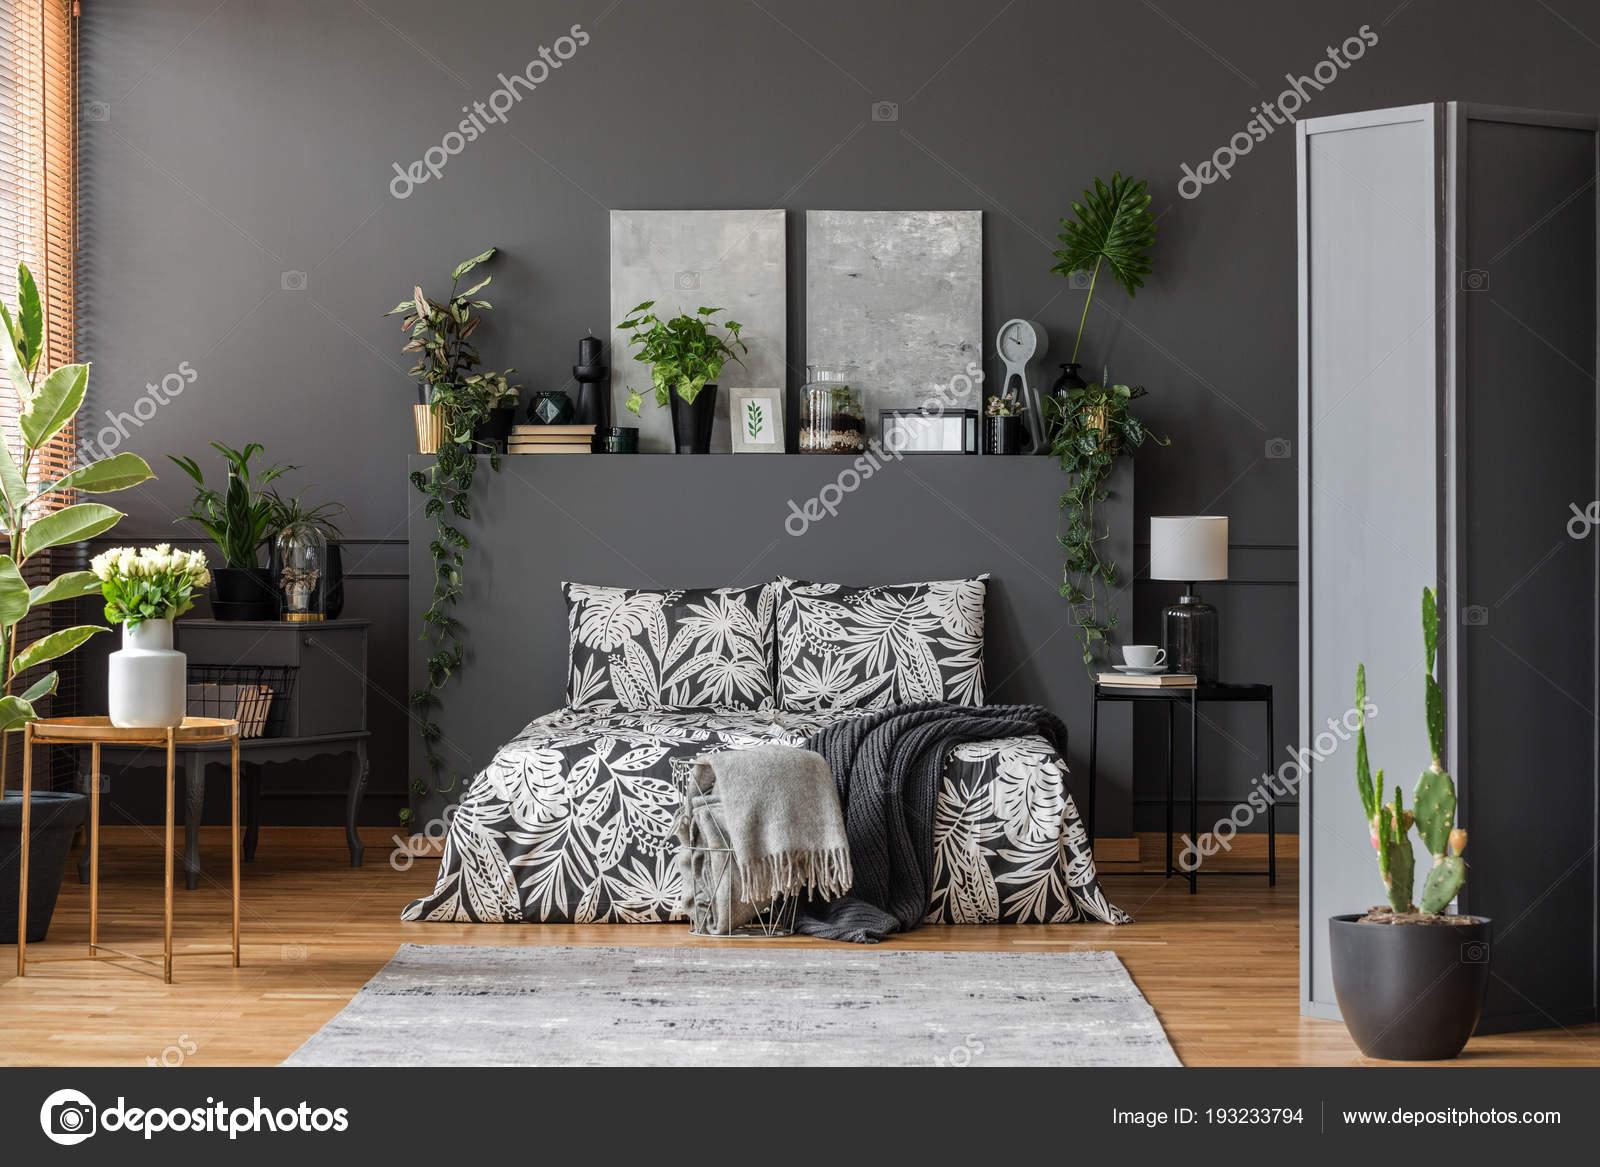 Slaapkamer Interieur Grijs : Witte rozen cactus ruime grijs slaapkamer interieur met